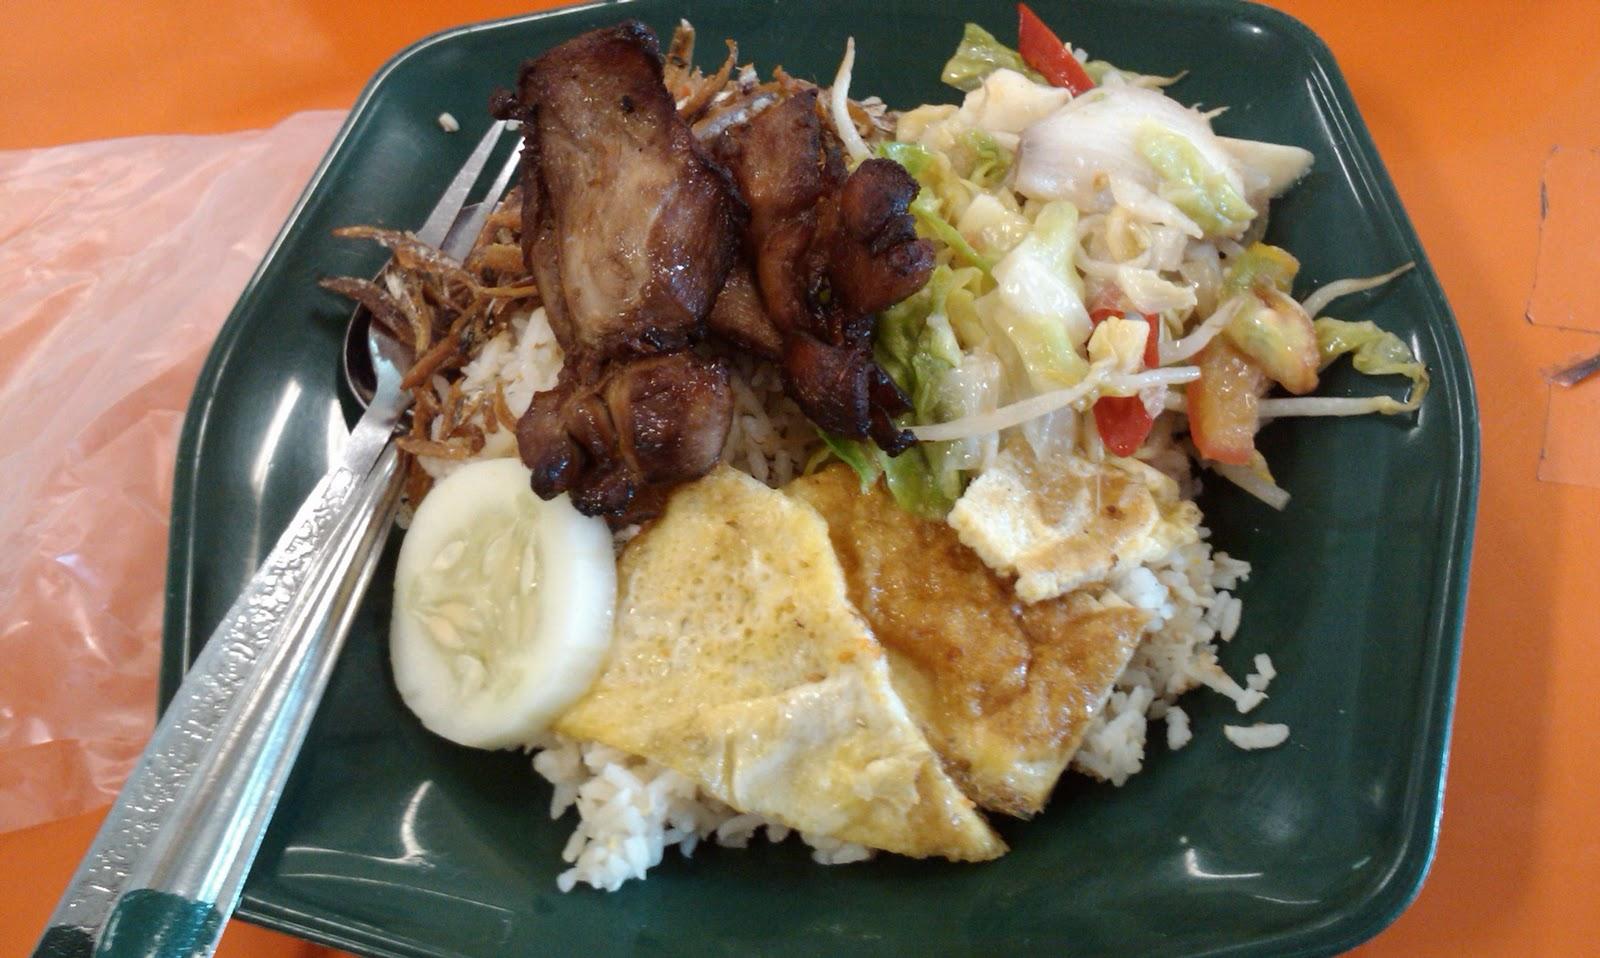 los almuerzos escolares alrededor del mundo